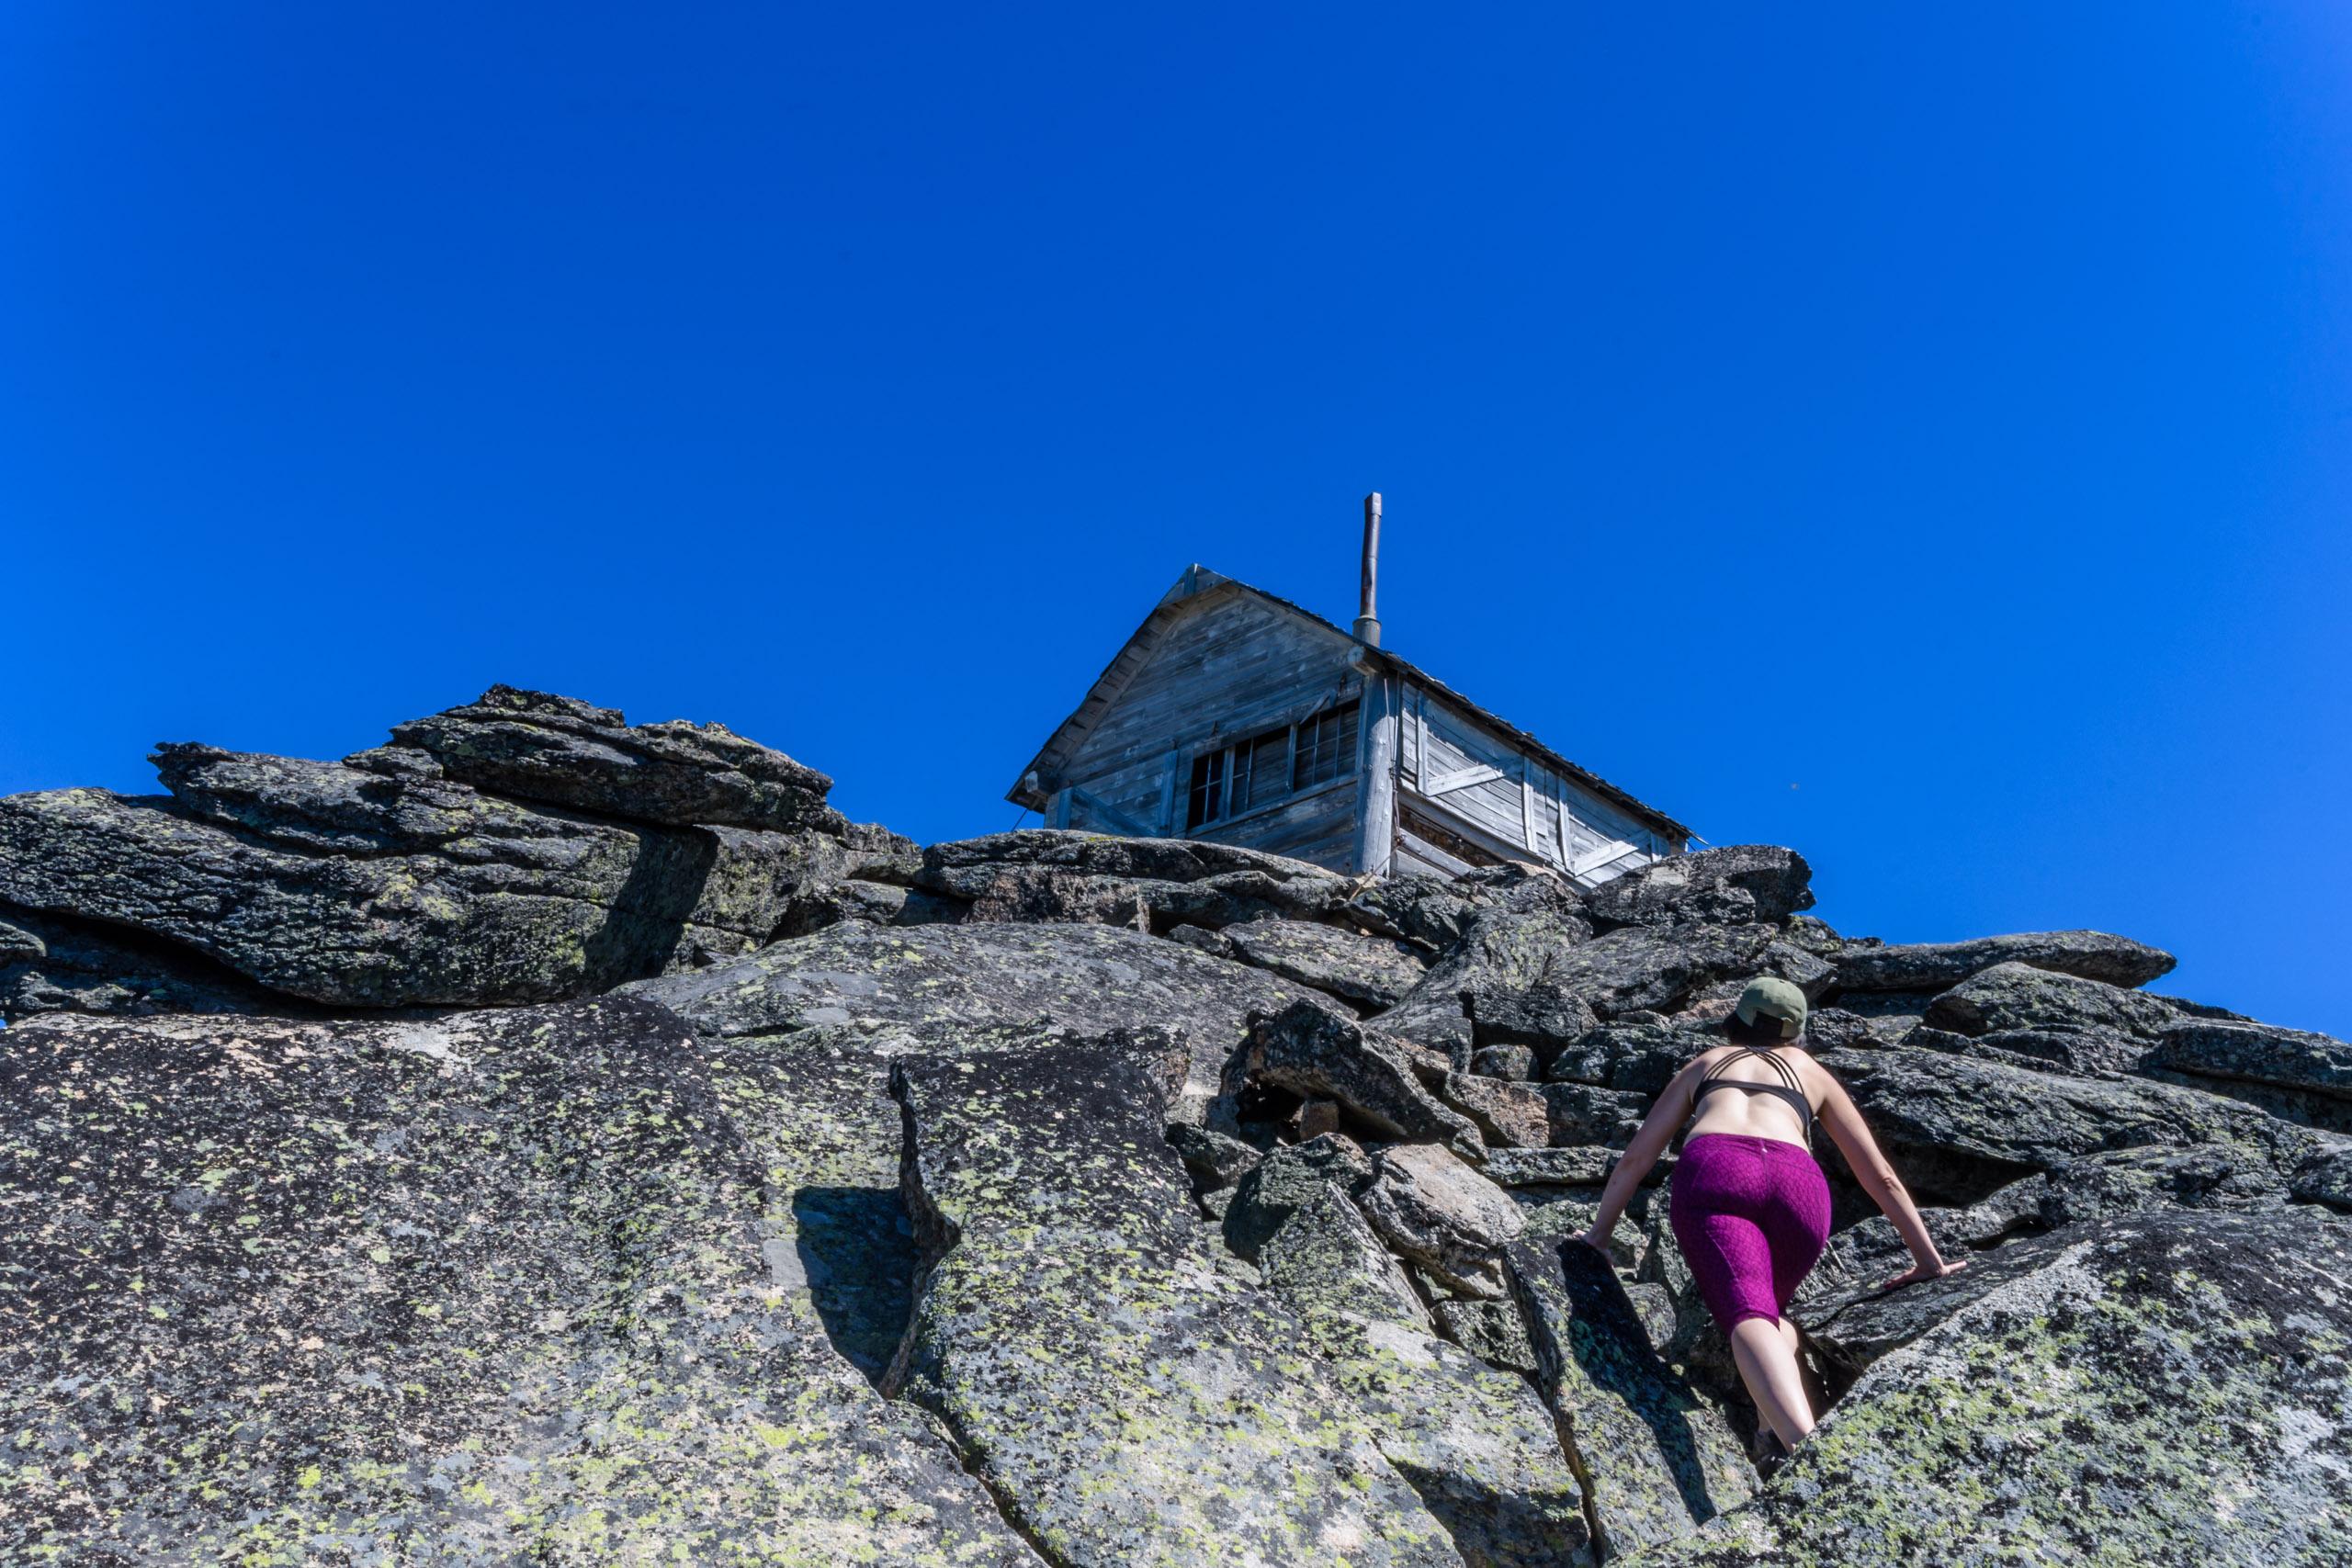 Vida Rz, the climber